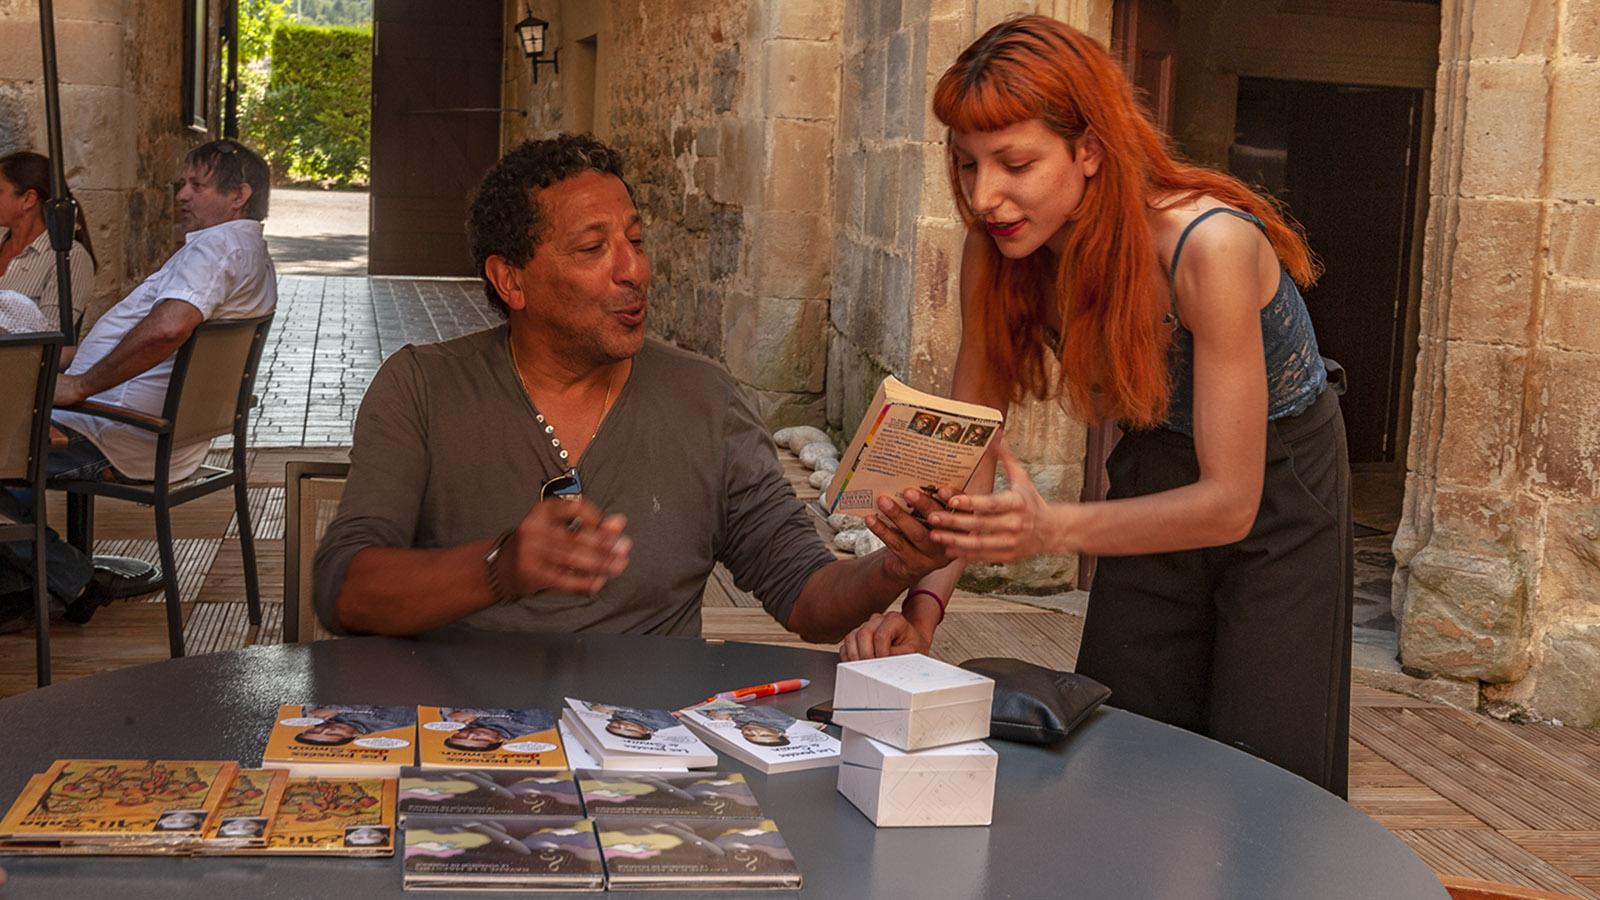 Festival du Film Insolite: Humorist Samin signierte seine Bücher und CDs. Foto: Hilke Maunder